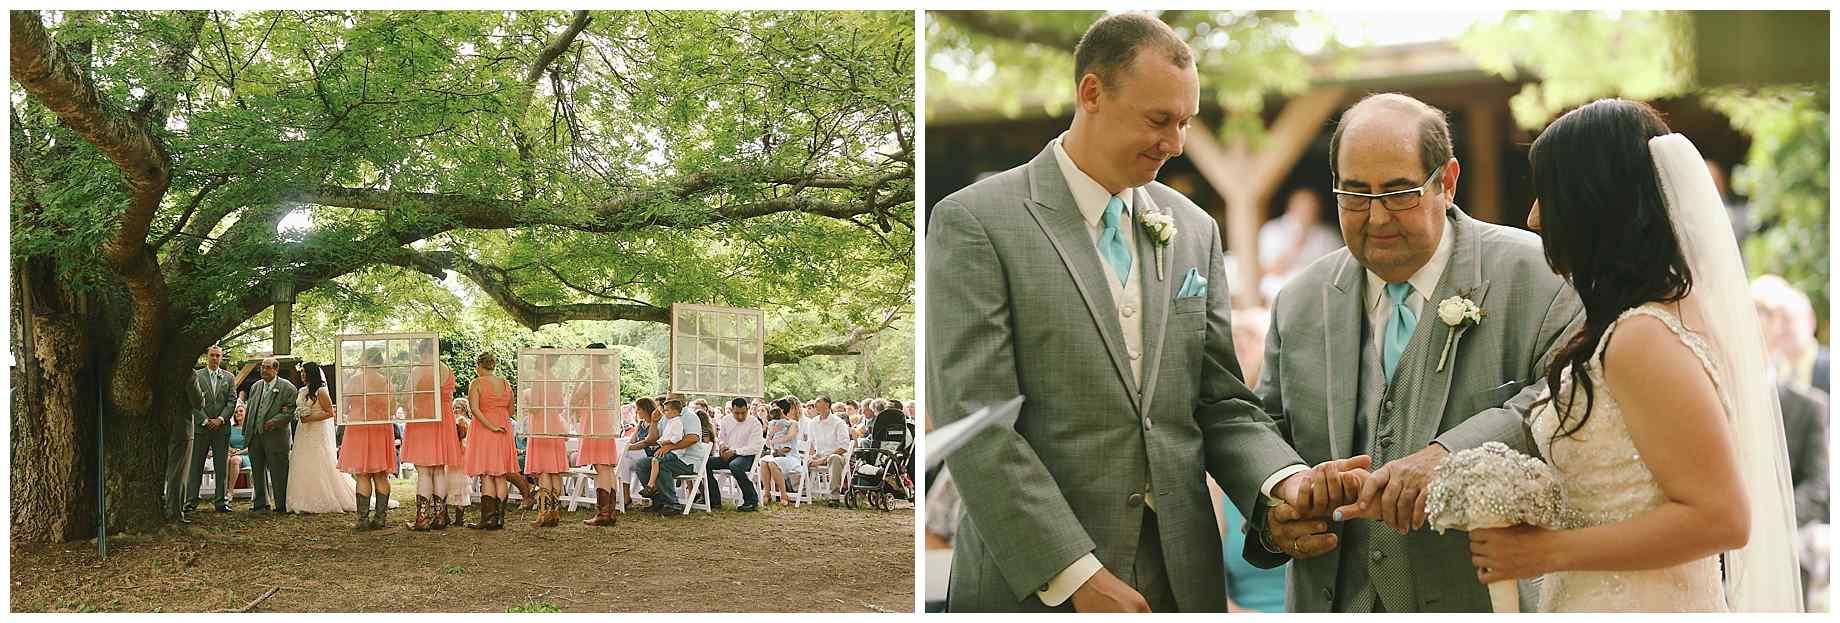 teaberry-farm-wedding-photos-13